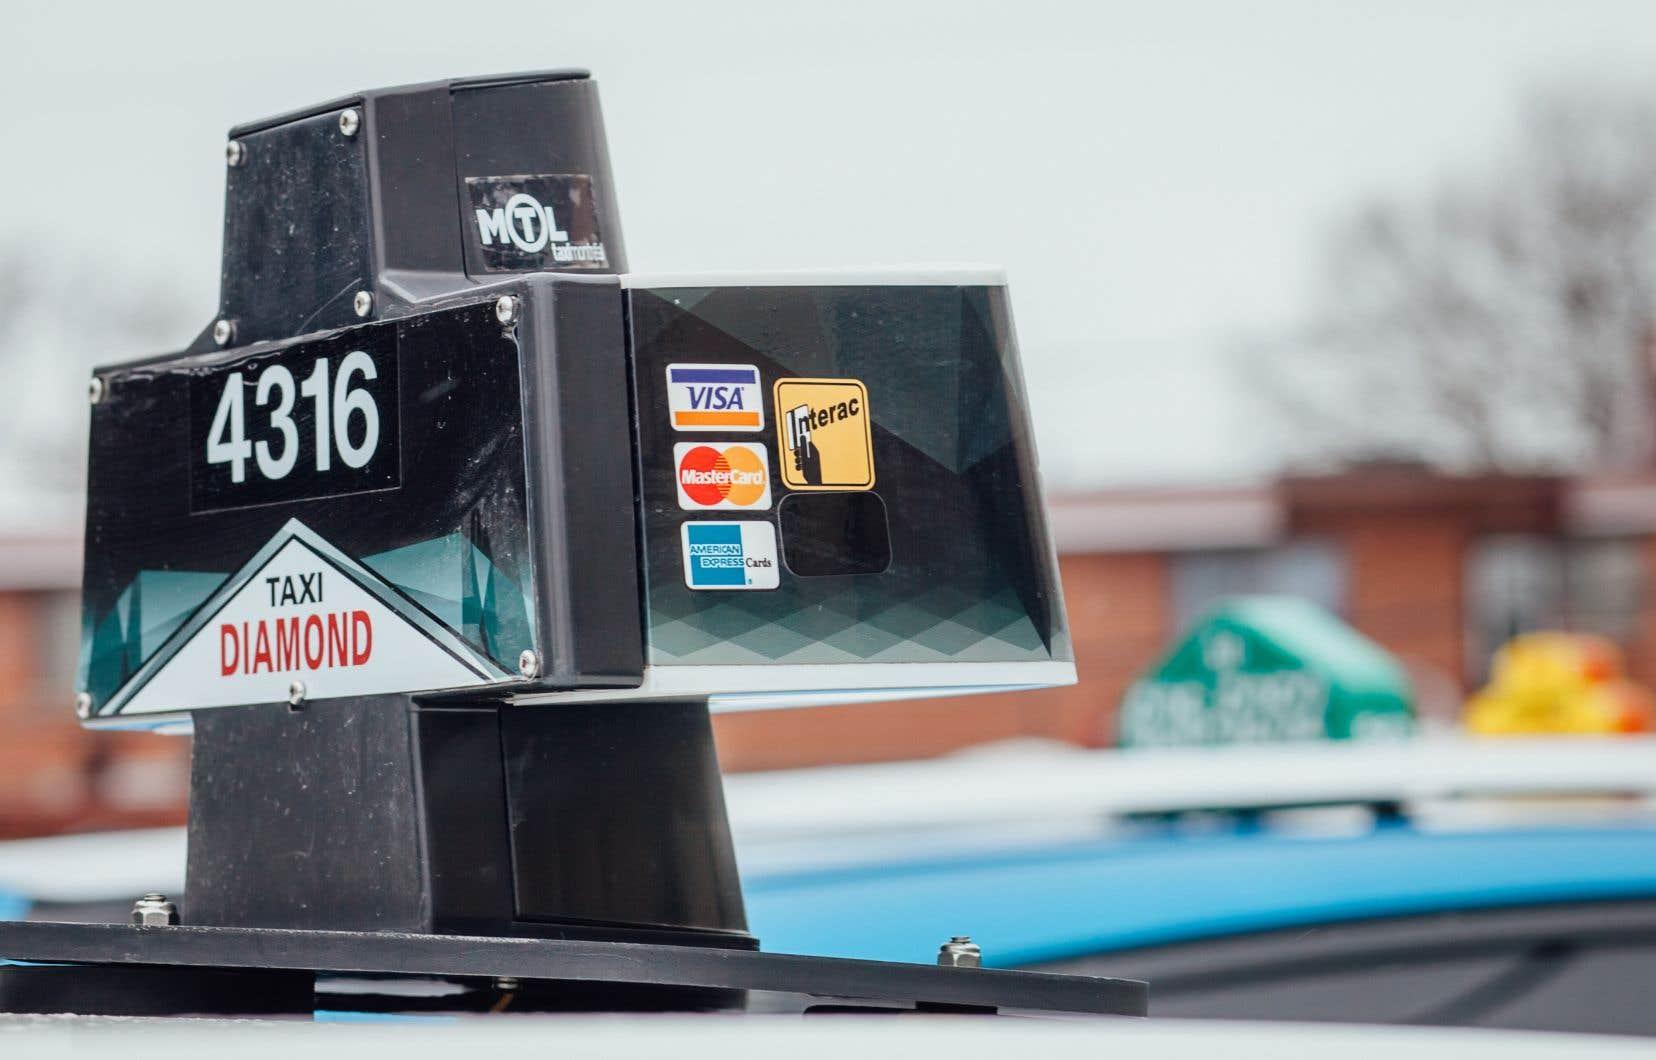 Les propriétaires de permis de taxi sont insatisfaits de l'indemnisation comprise dans la réforme du gouvernement du Québec.